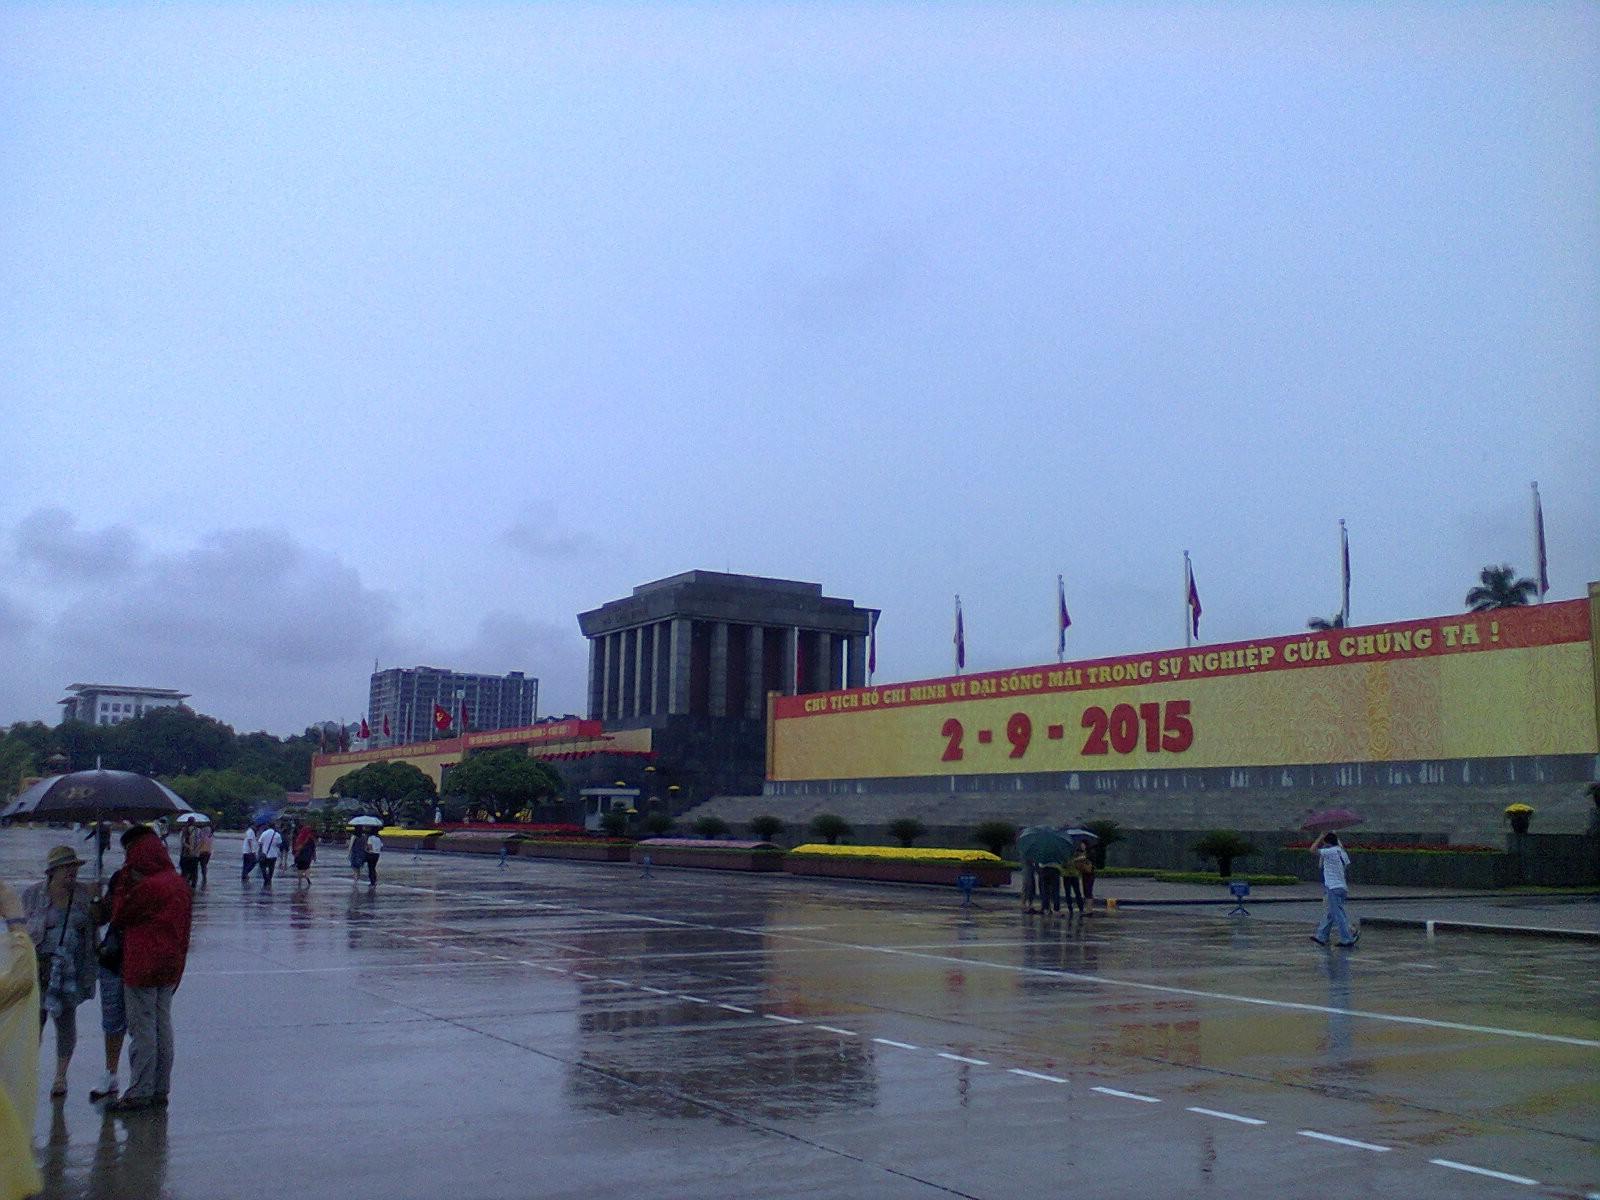 Otra vista del mausoleo donde se ven los letreros señalando el día de la independencia